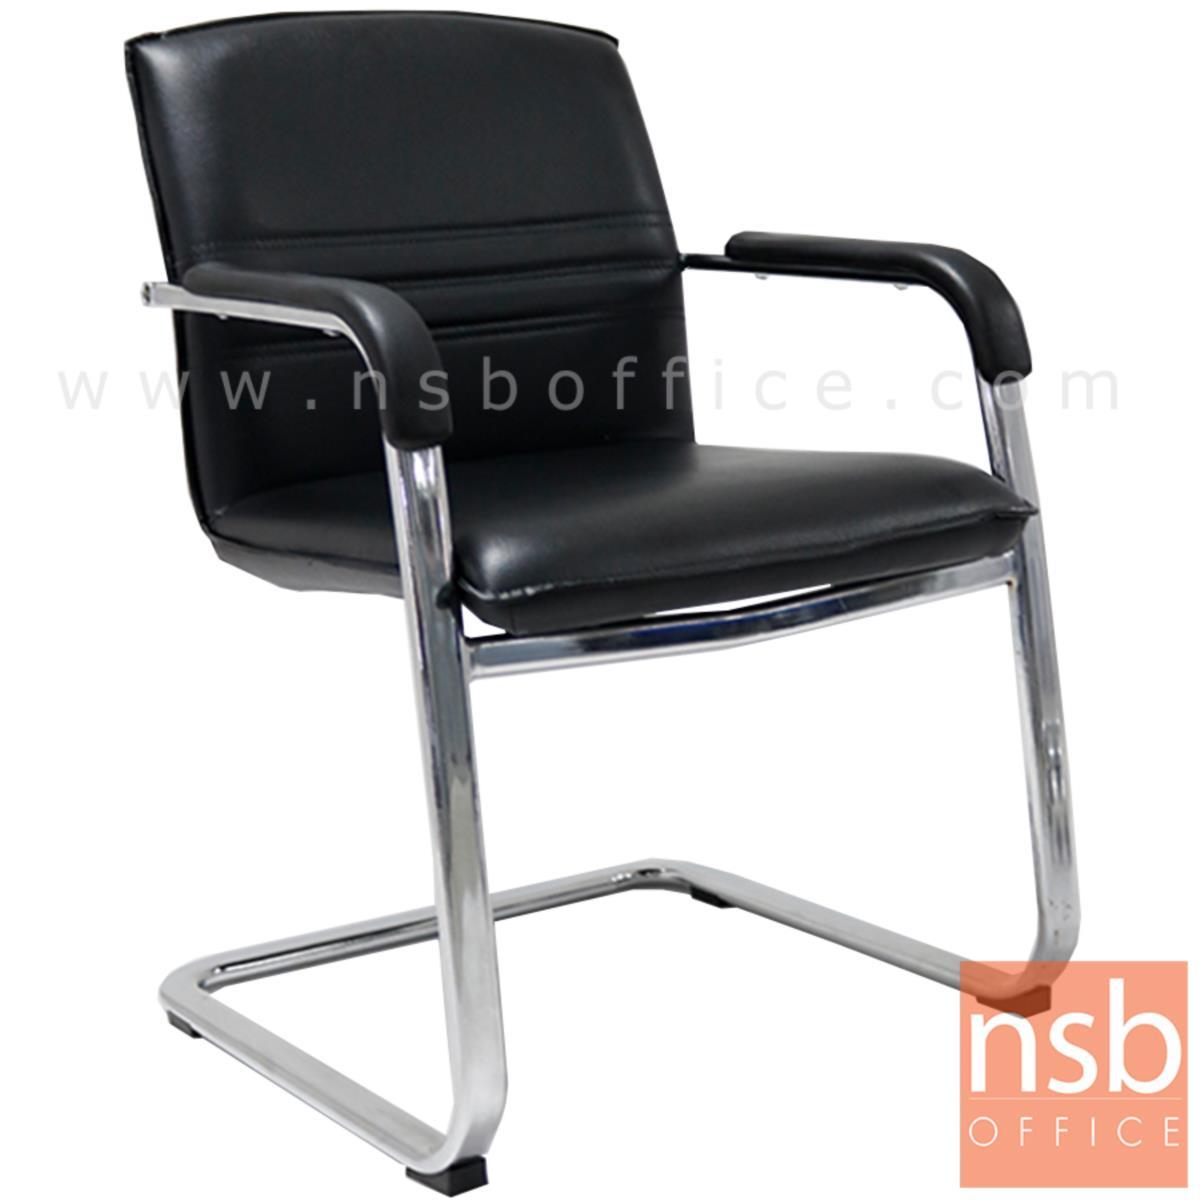 B04A097:เก้าอี้รับแขกขาตัวซี  รุ่น Robbins (ร็อบบินส์)  ขาเหล็กชุบโครเมี่ยม